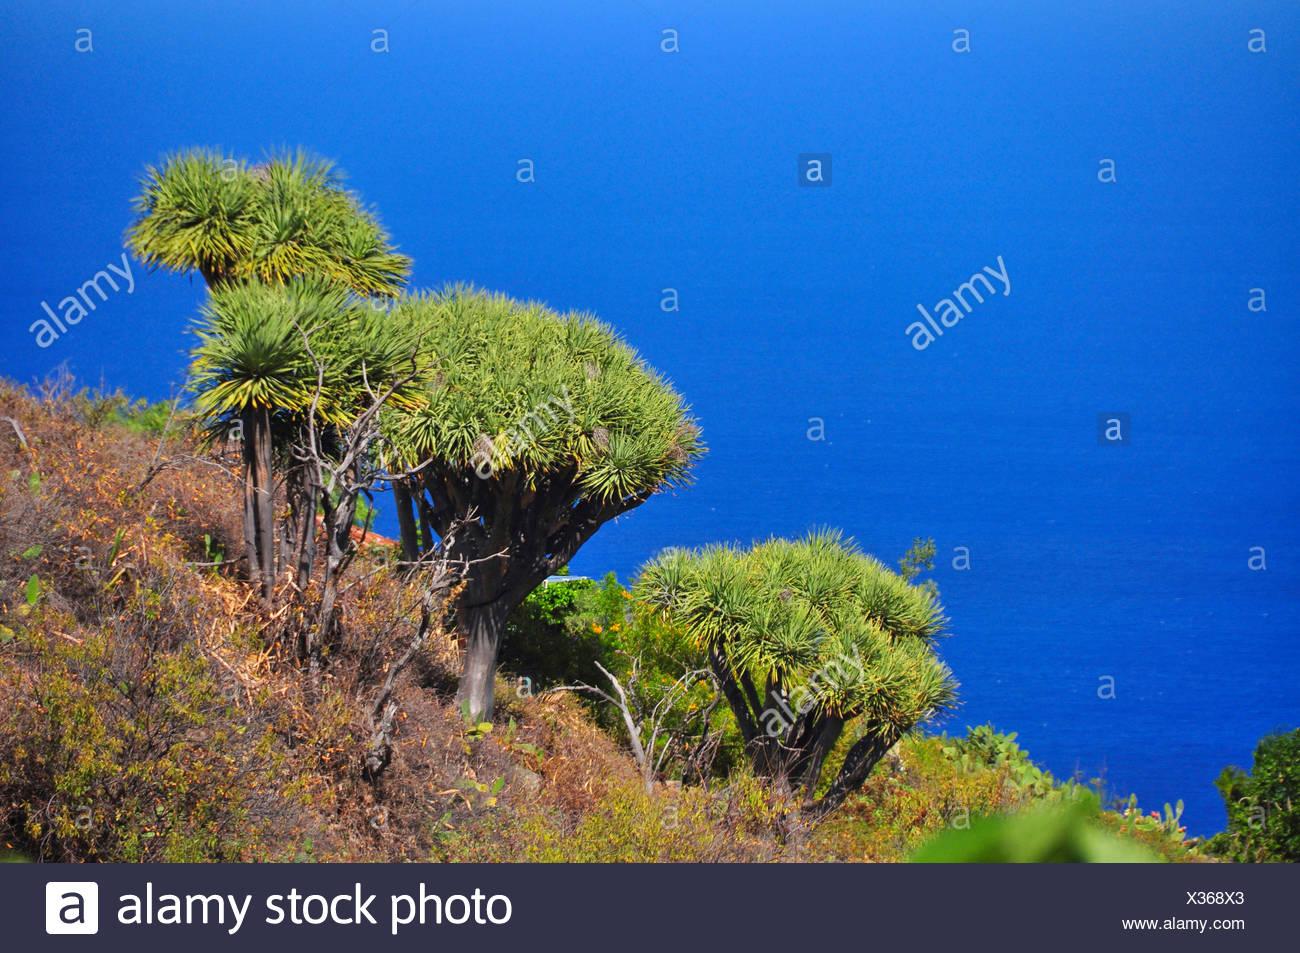 Drago di strappo il sangue, Draegon Tree, Isole Canarie Dragon Tree, Drago (Dracaena draco), Draegon Alberi di fronte a mare Isole Canarie La Palma Immagini Stock